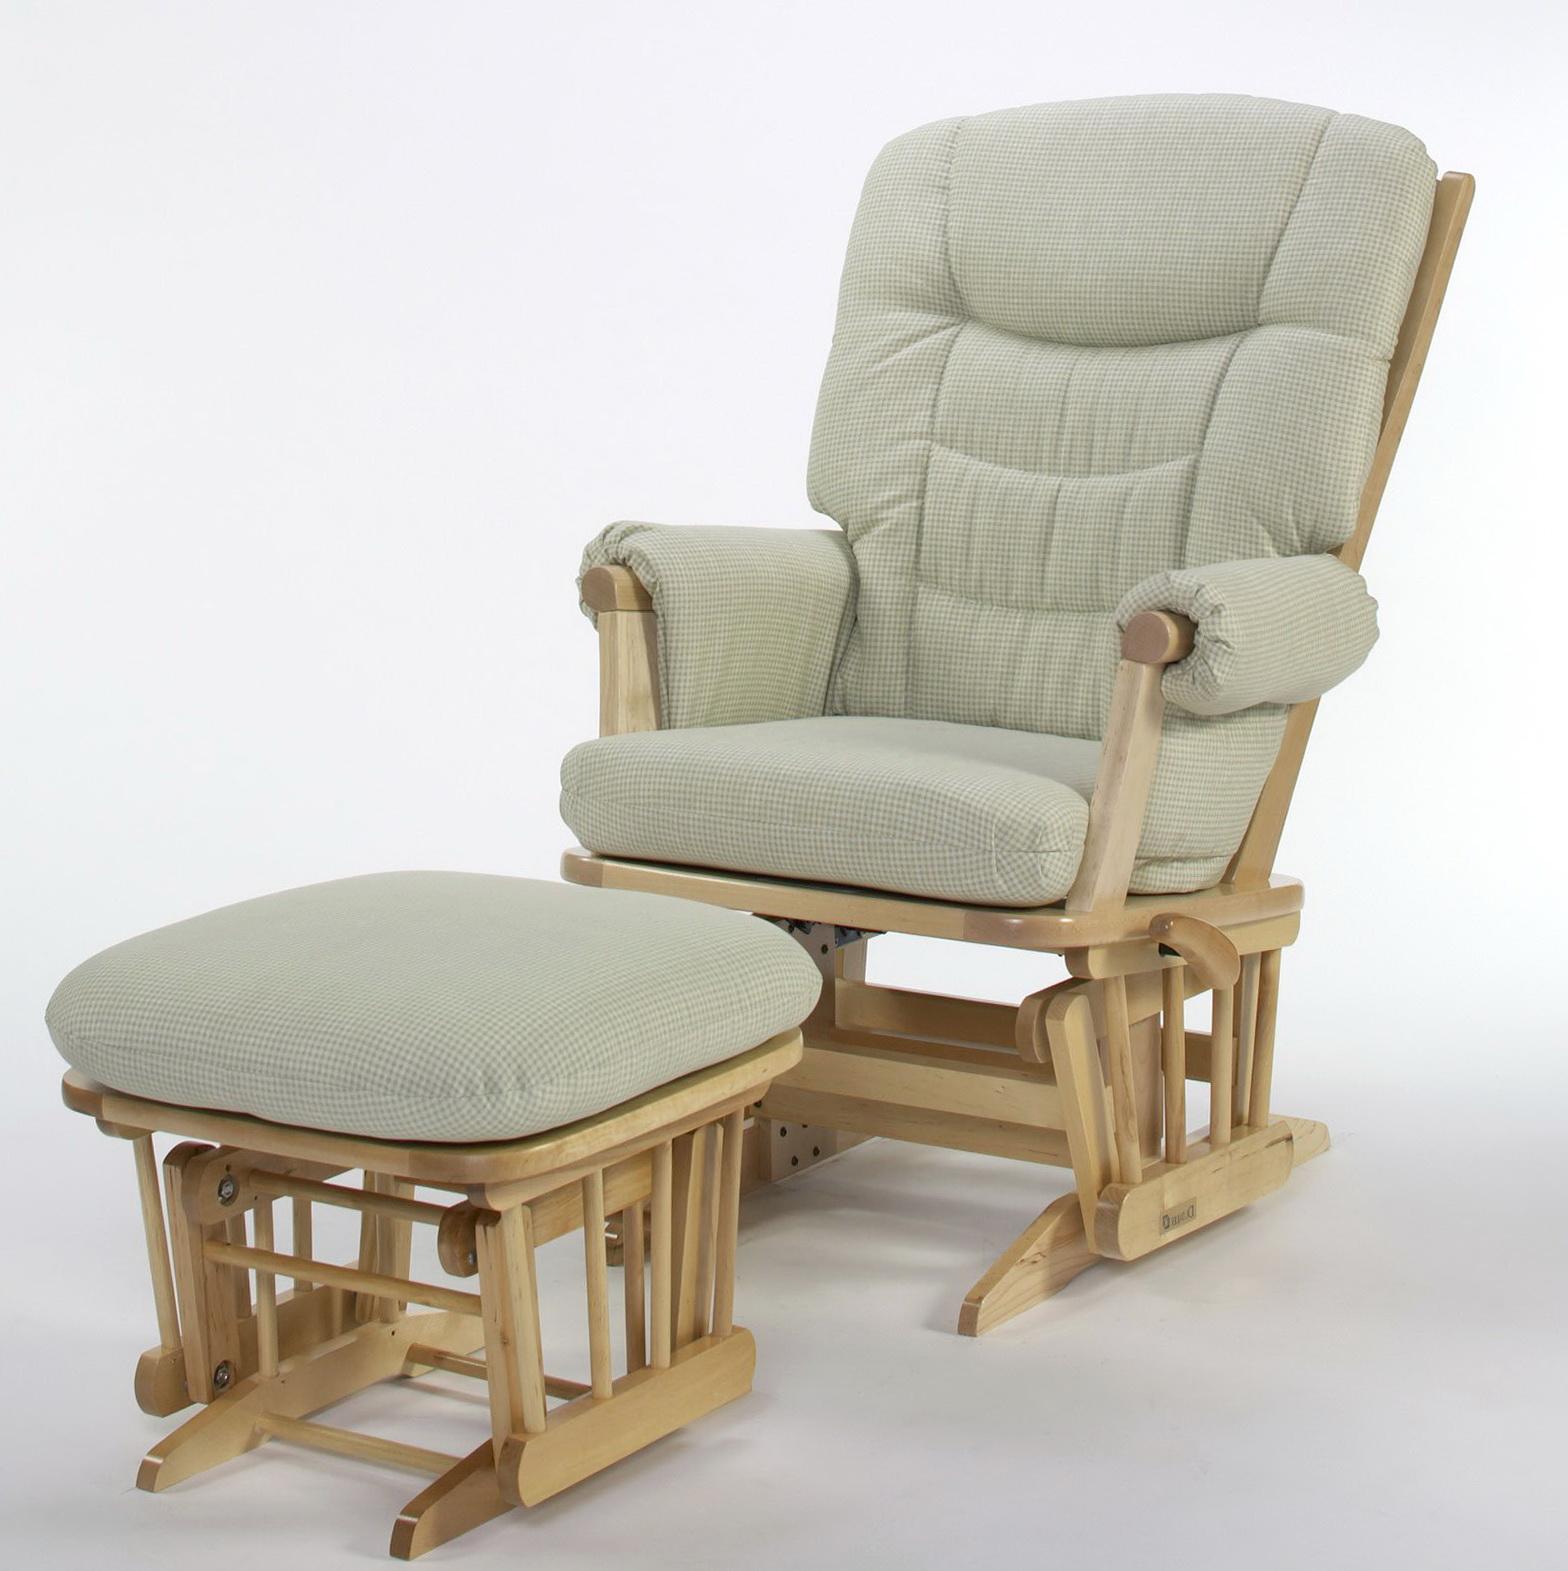 Rocking Chair Cushions Walmart Home Design Ideas